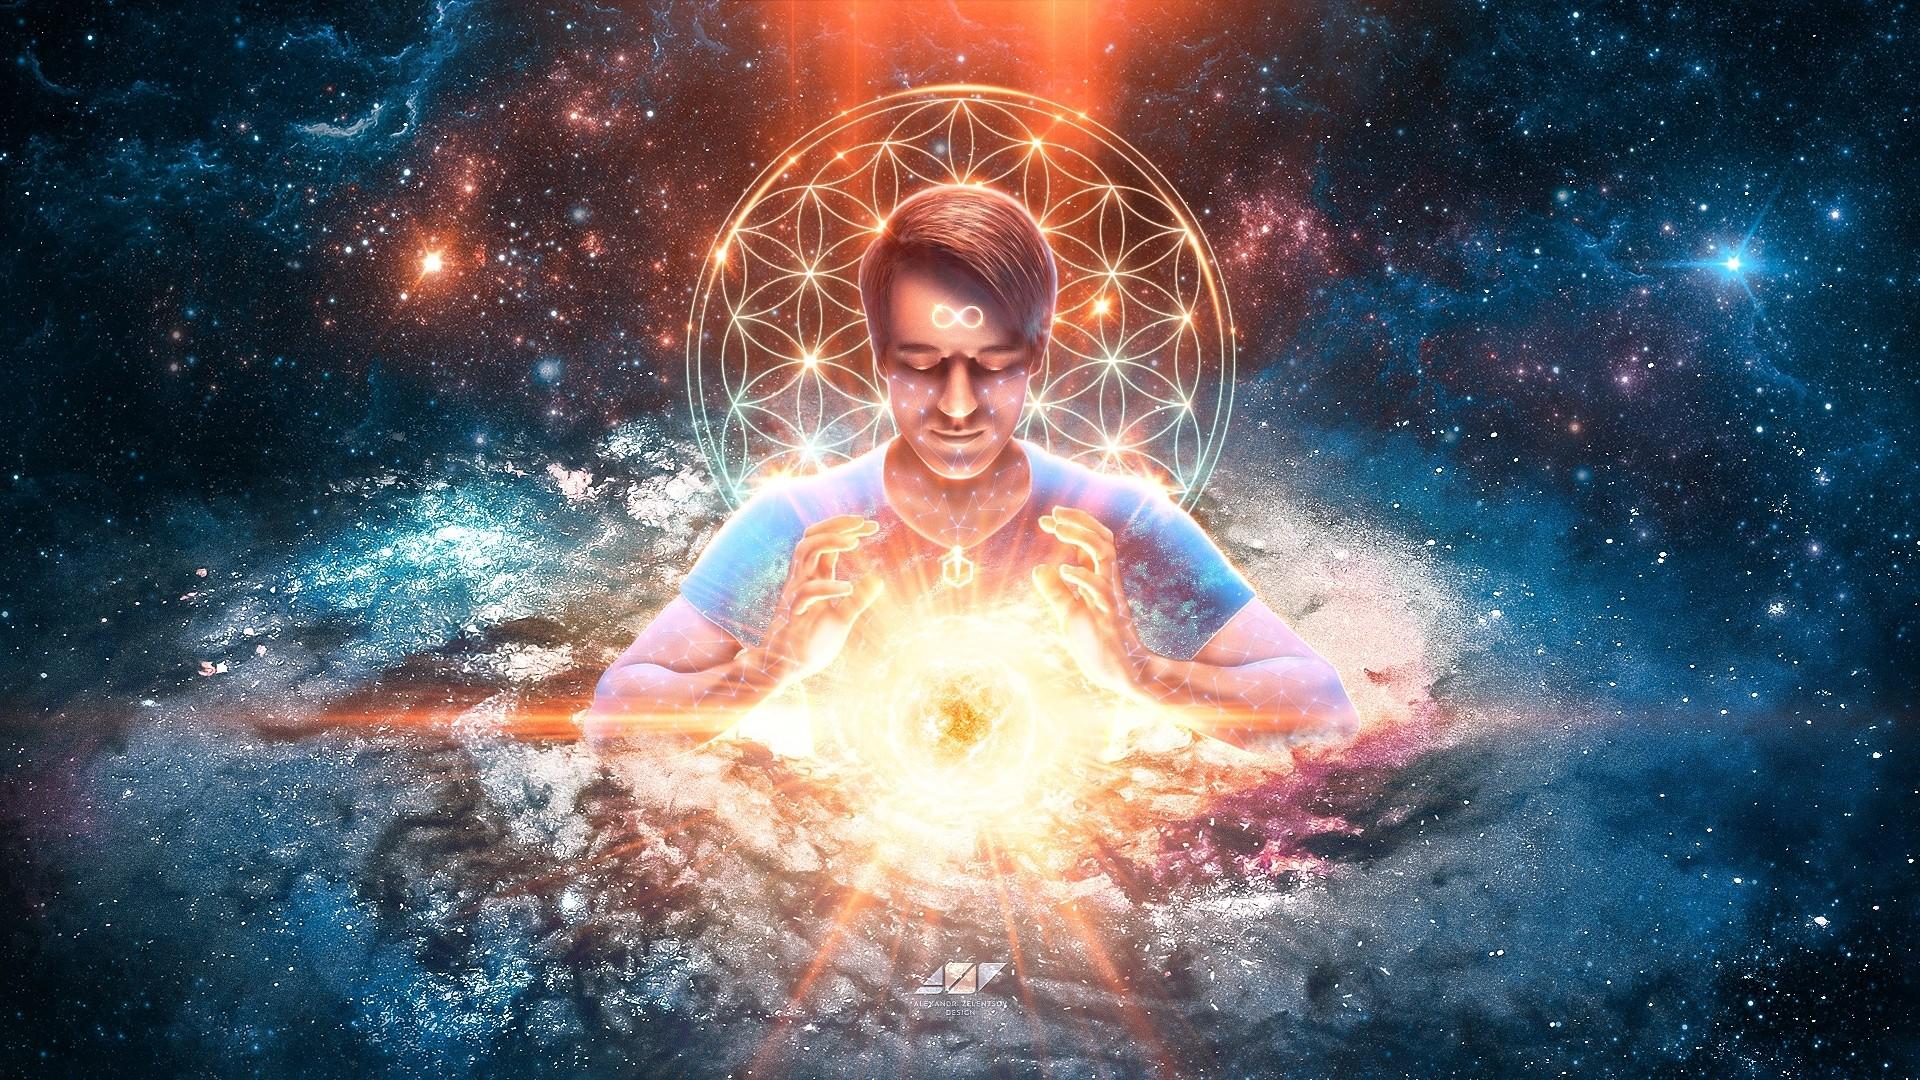 Spiritual Wallpaper theme